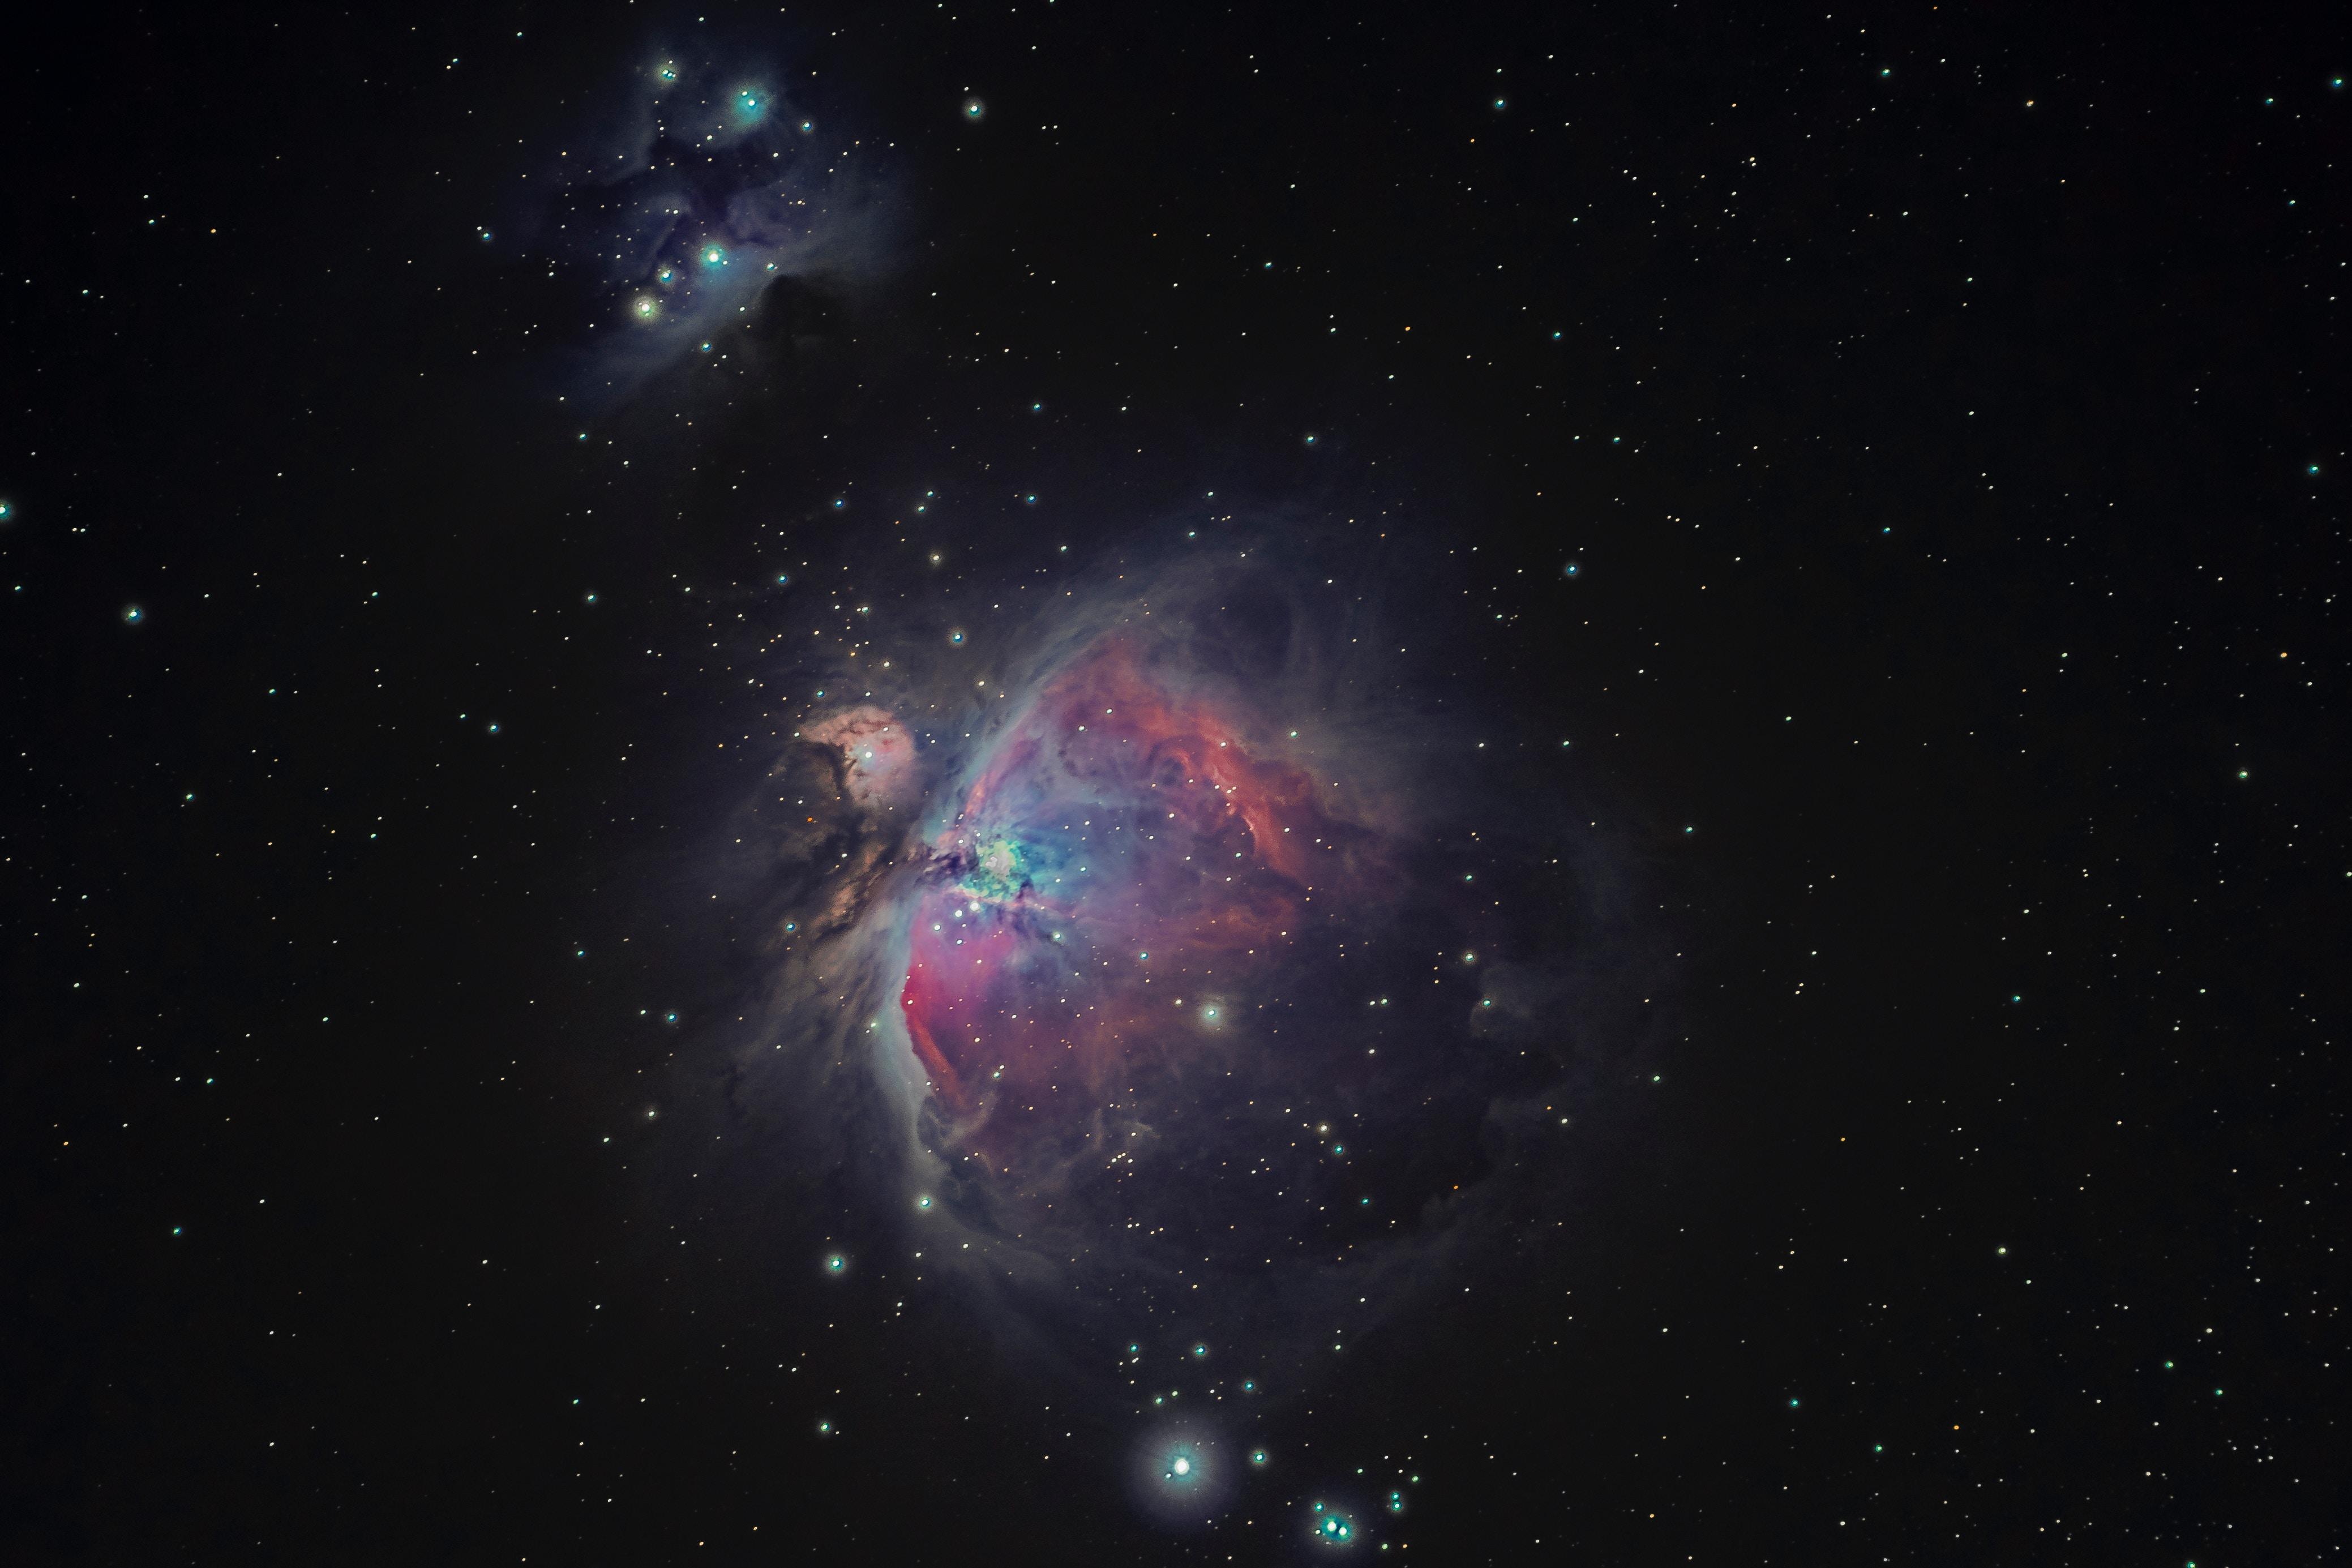 【夢占い】夢で宇宙人が出てきたのは何のサイン?宇宙人の夢の意味を調査